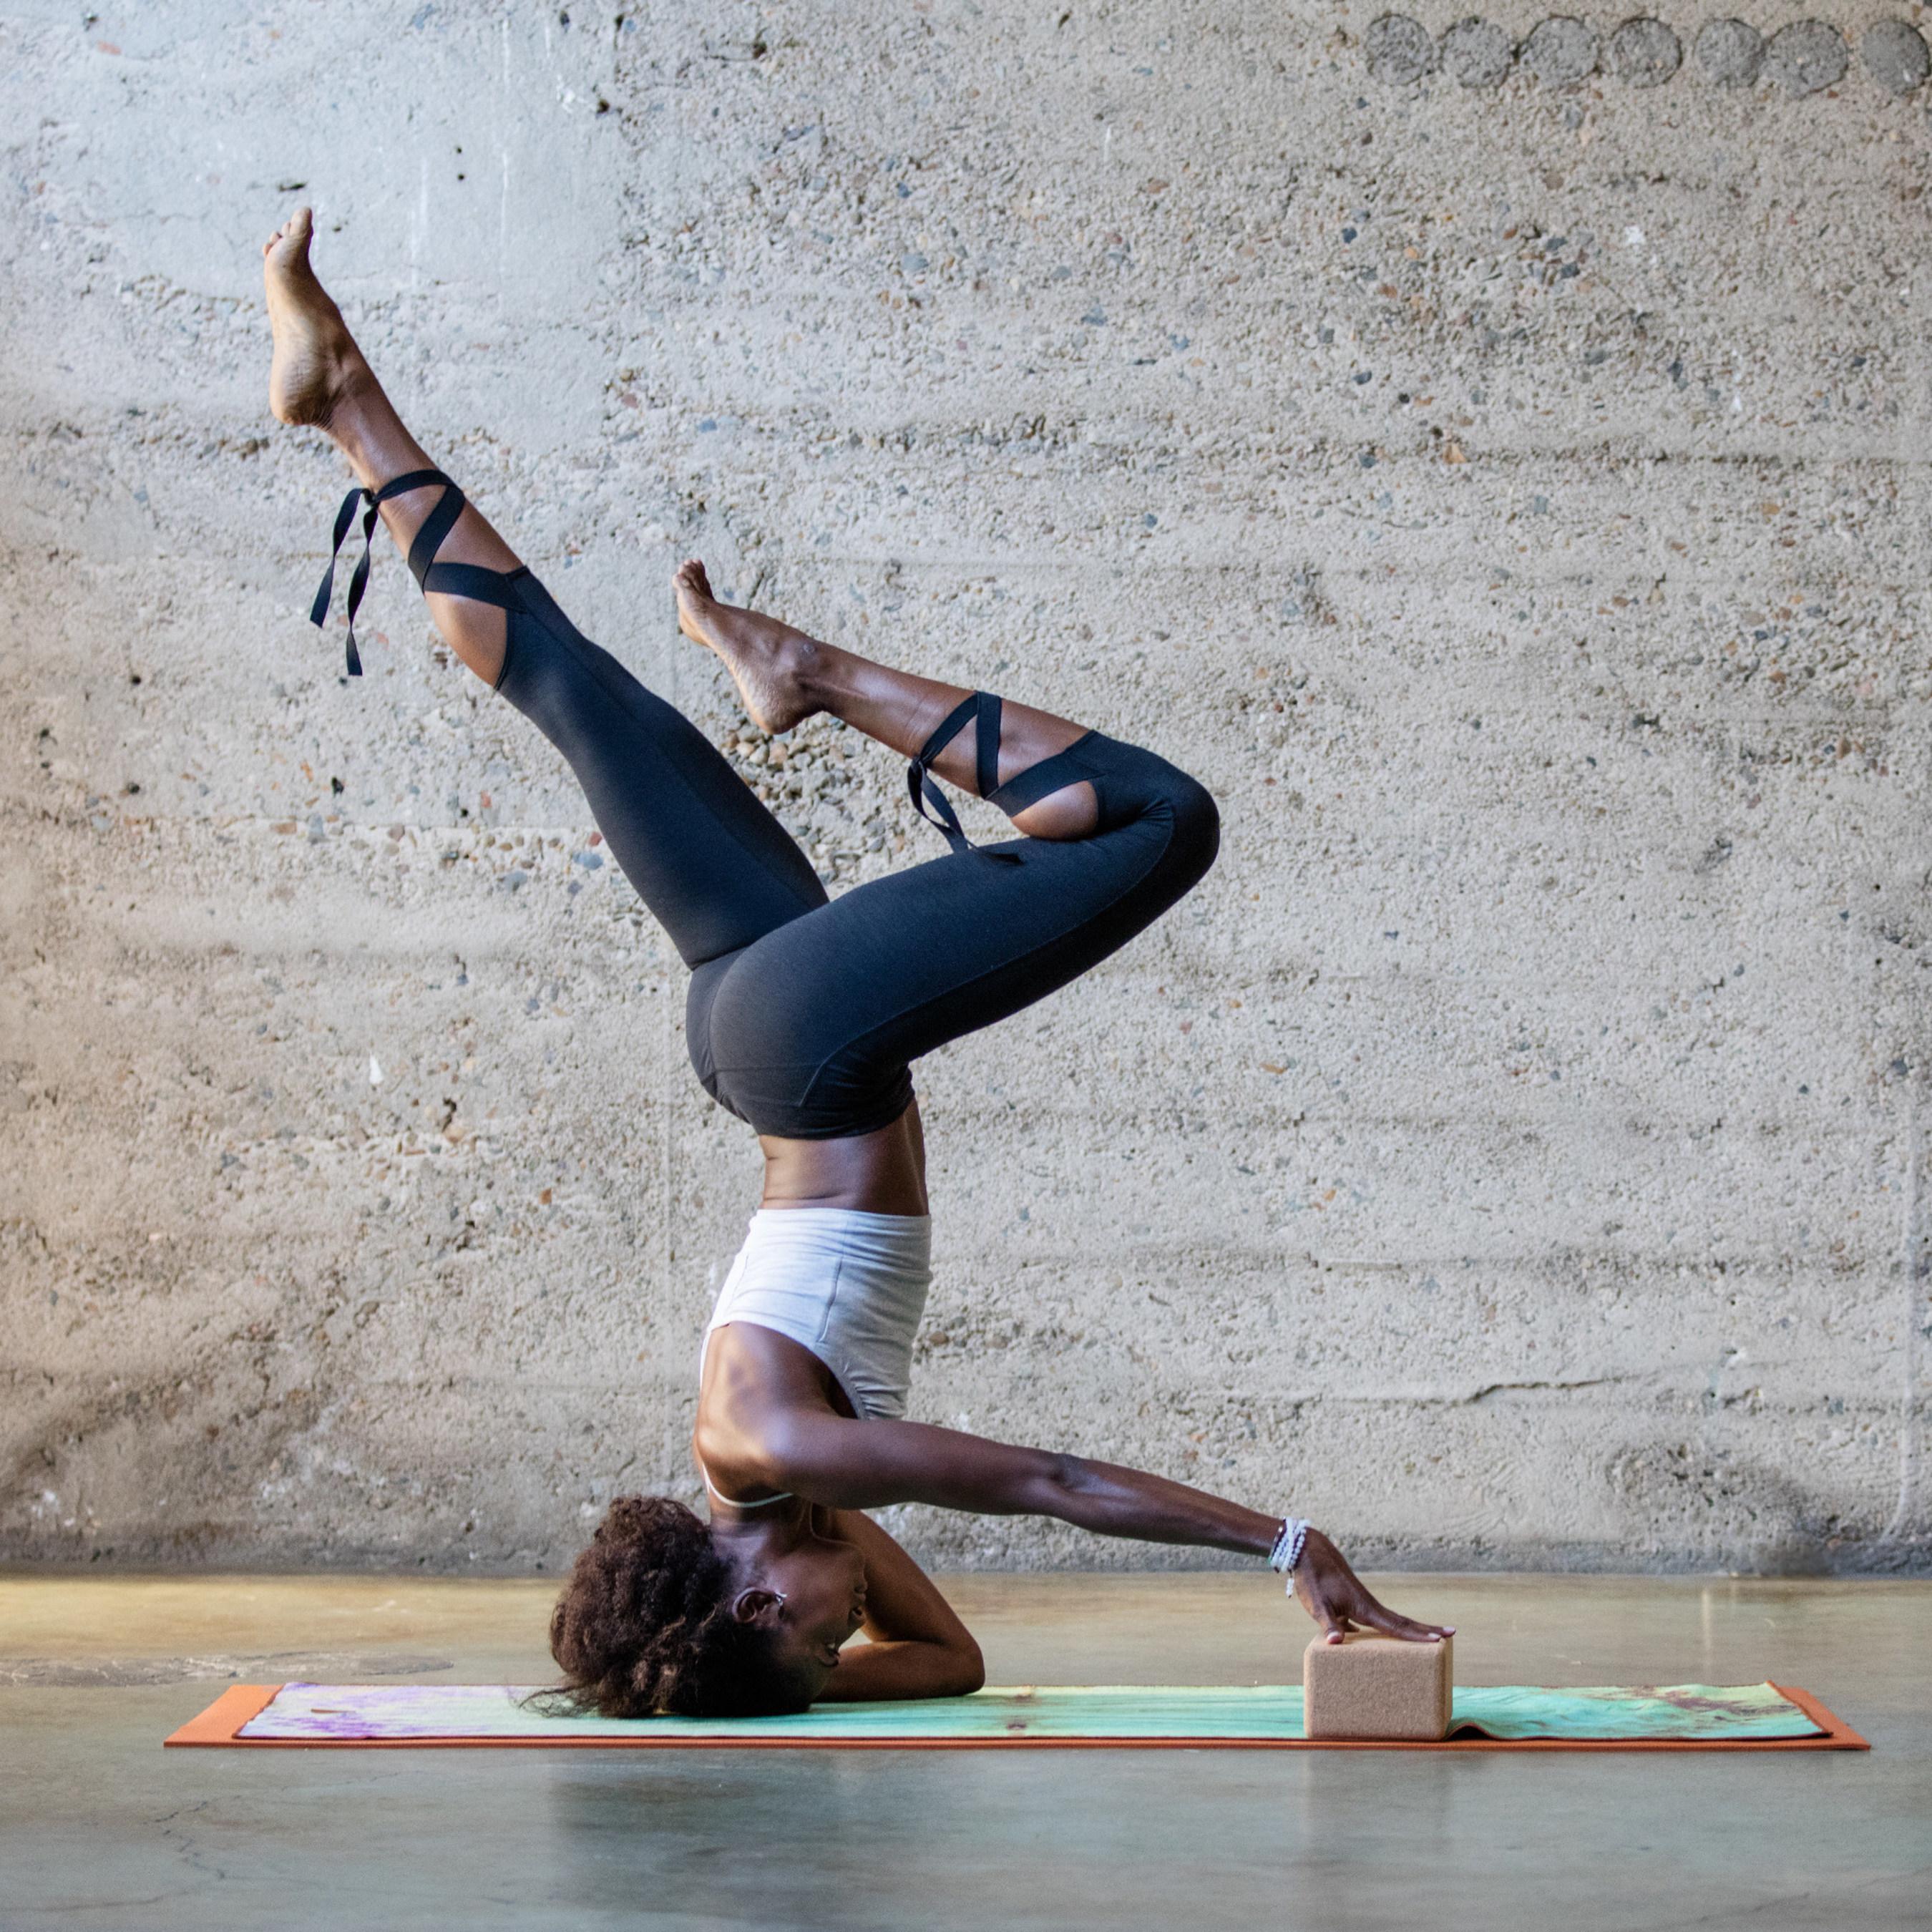 MANDUKA® Announces First-Ever 'Made for Yoga' Apparel Line